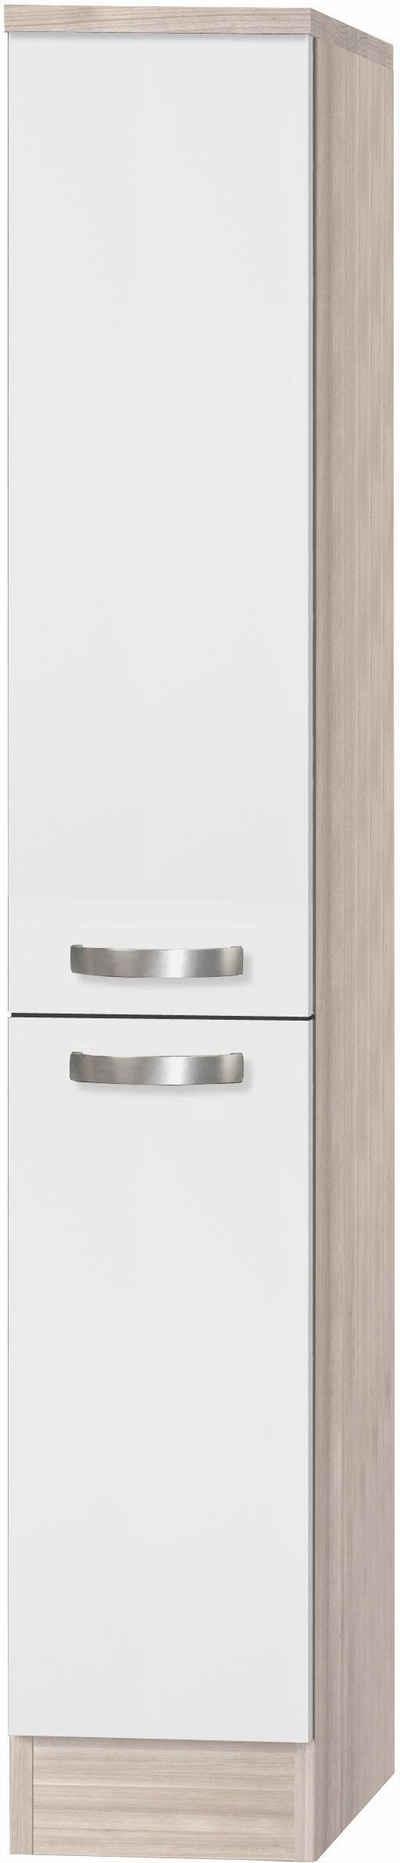 Atemberaubend Billige Küchenunterschränke Ebay Fotos - Küchenschrank ...